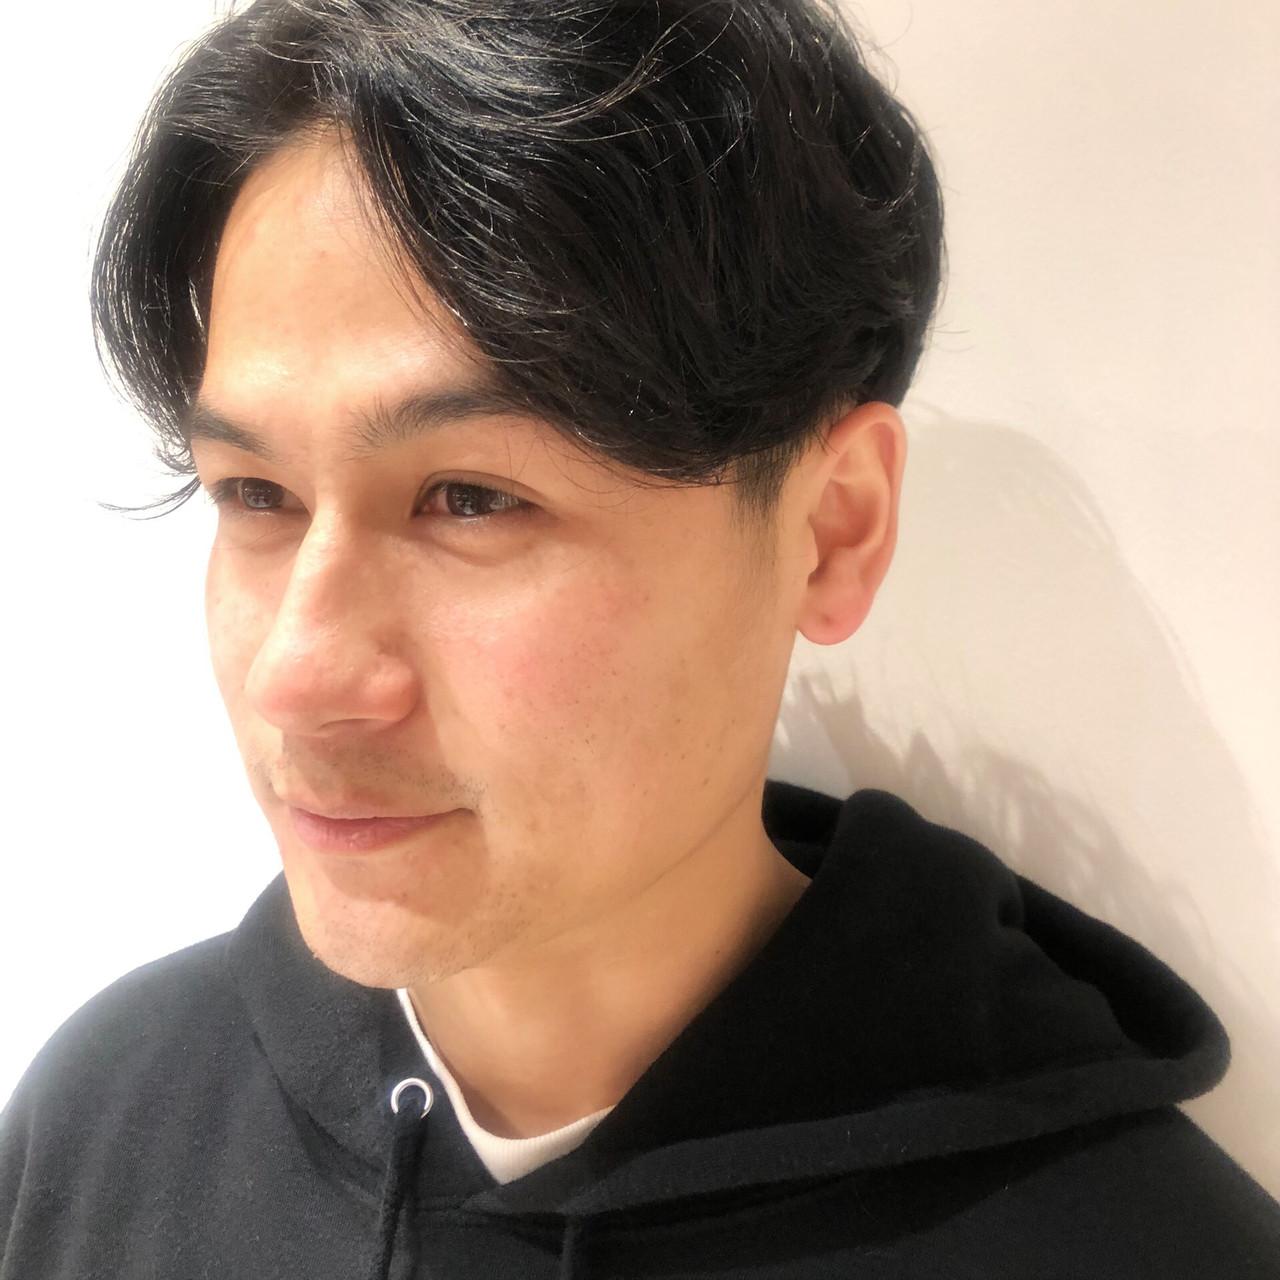 メンズパーマ メンズ センターパート ナチュラル ヘアスタイルや髪型の写真・画像 | 小野菜津美 / GO TODAY SHAiRE SALON 渋谷モディ店